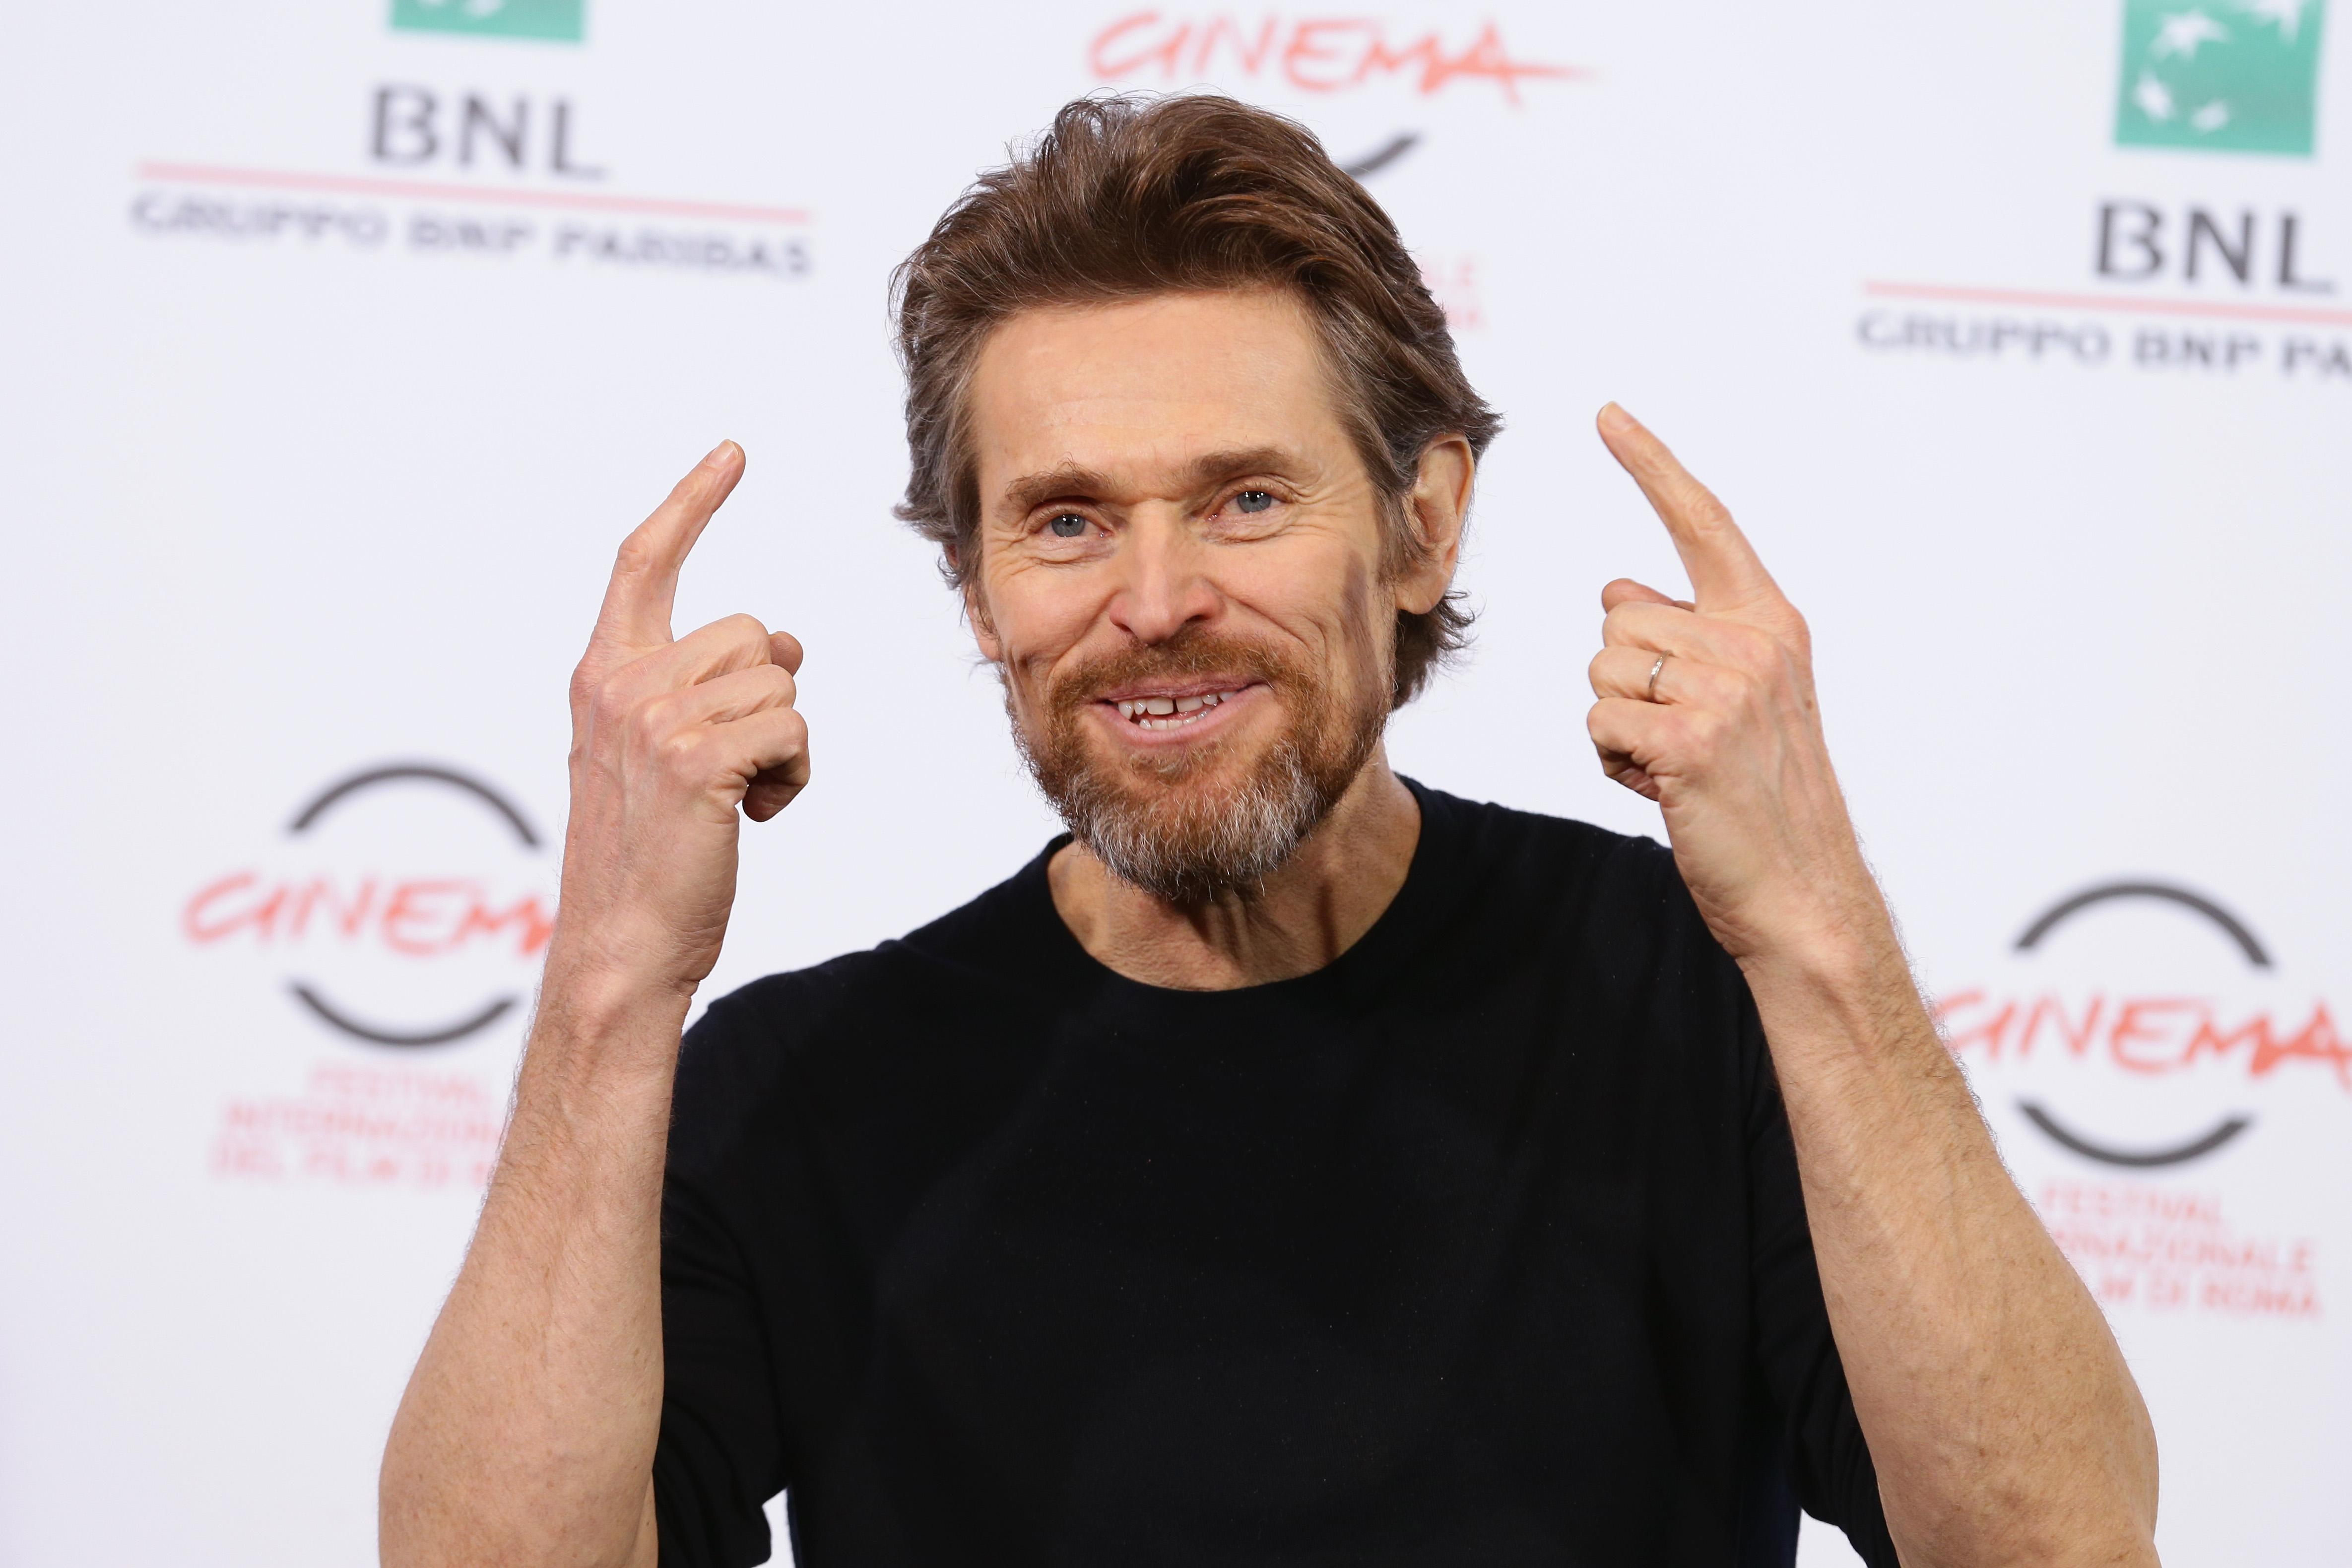 <p><strong>Уилям Дефо, &bdquo;Антихрист&ldquo;&nbsp;</strong></p>  <p>Уилям Дефо използва двойник за пениса си във филма от 2009-та година &bdquo;Антихрист&ldquo;. За заснемането на сцената режисьорът Ларс фон Триер иска да използва порно актьор. Той самият твърди, че има нужда от пенис с нормален размер, защото този на Дефо бил твърде голям.&nbsp;</p>